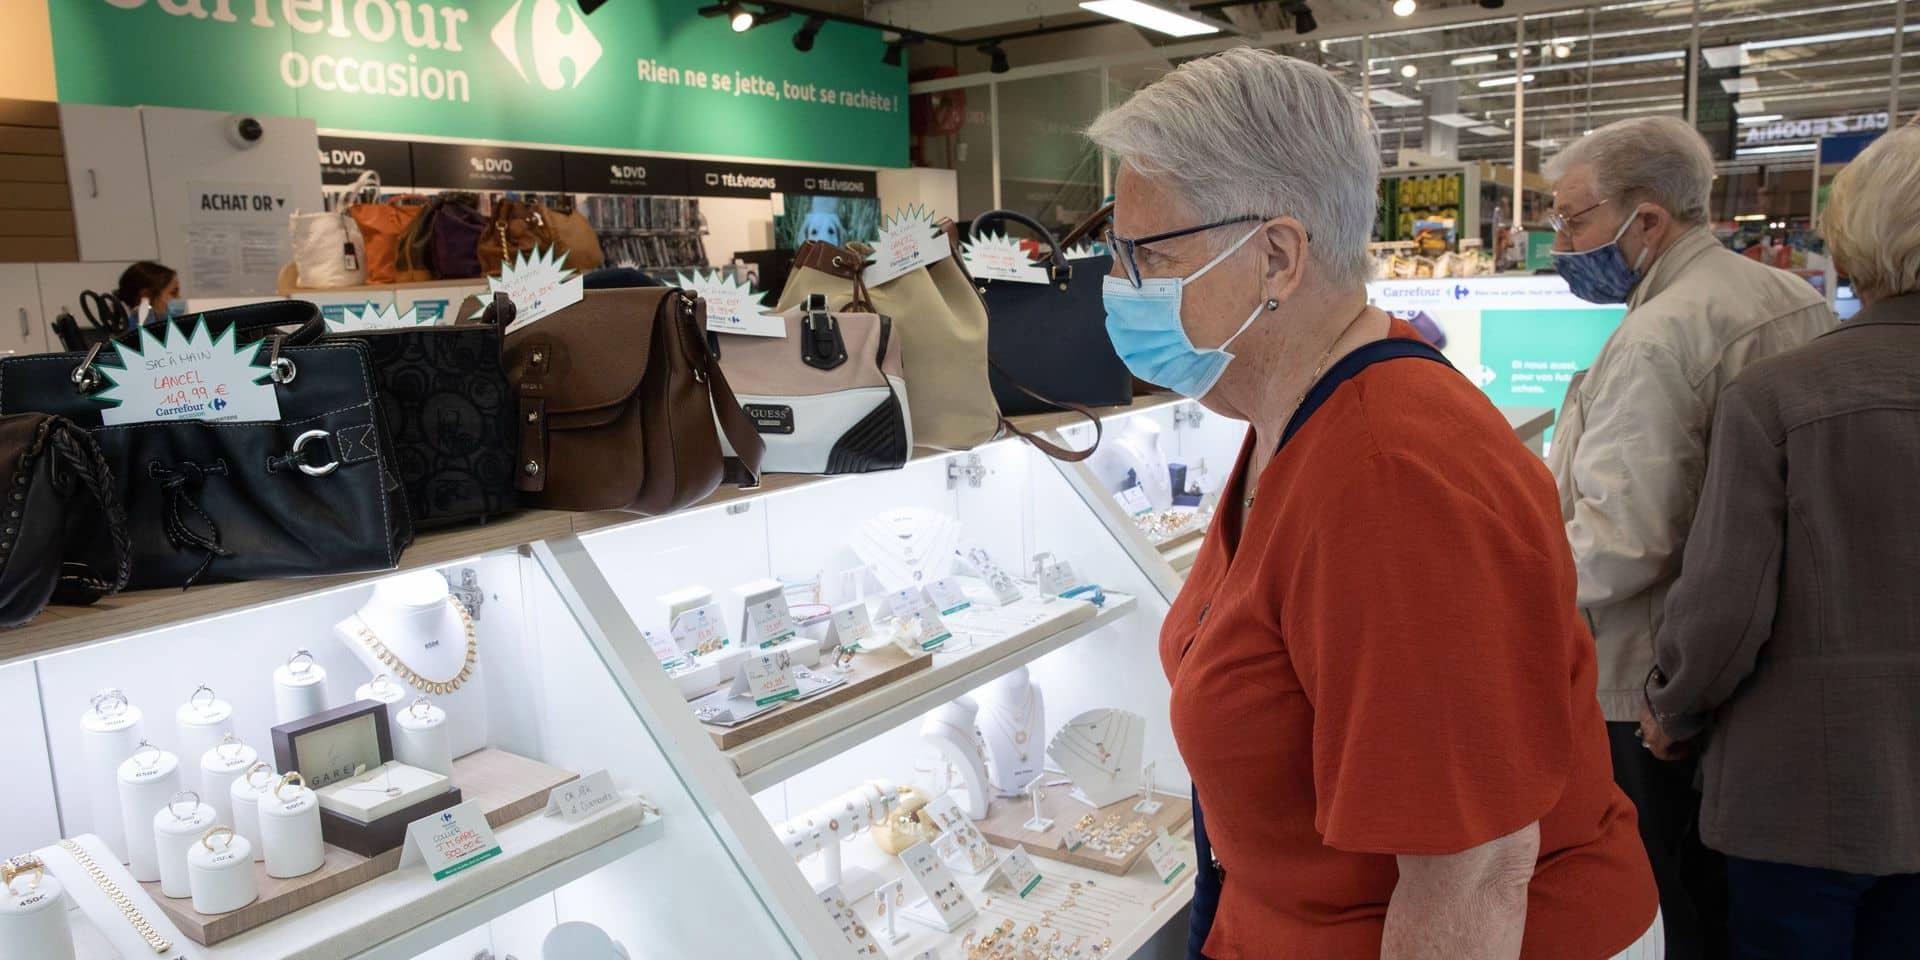 """Carrefour des Ulis ( Essonne), début juillet. Depuis quelques jours, le magasin Carrefour a ouvert un corner """"Cash Conventers"""", baptisé """"Carrefour occasion"""", où l'on peut acheter ou vendre des produits d'occasion tels que des bijoux, sacs à main, tél?"""